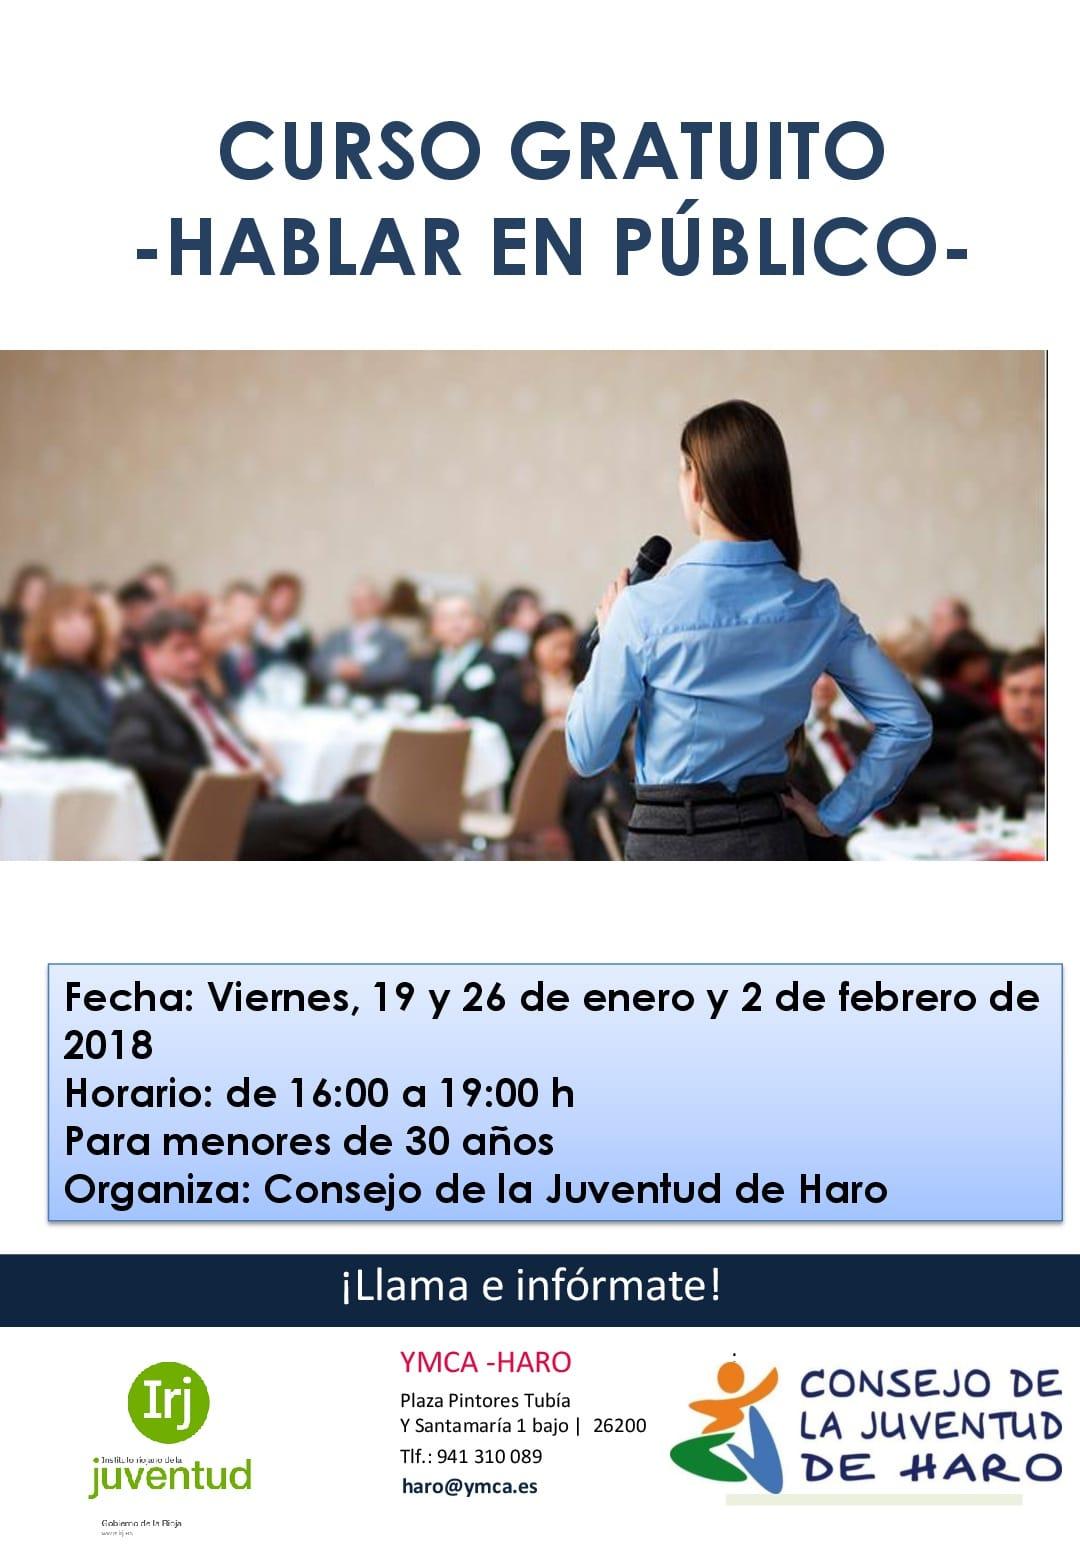 El Consejo de la Juventud de Haro organiza un taller para aprender a hablar en público 1